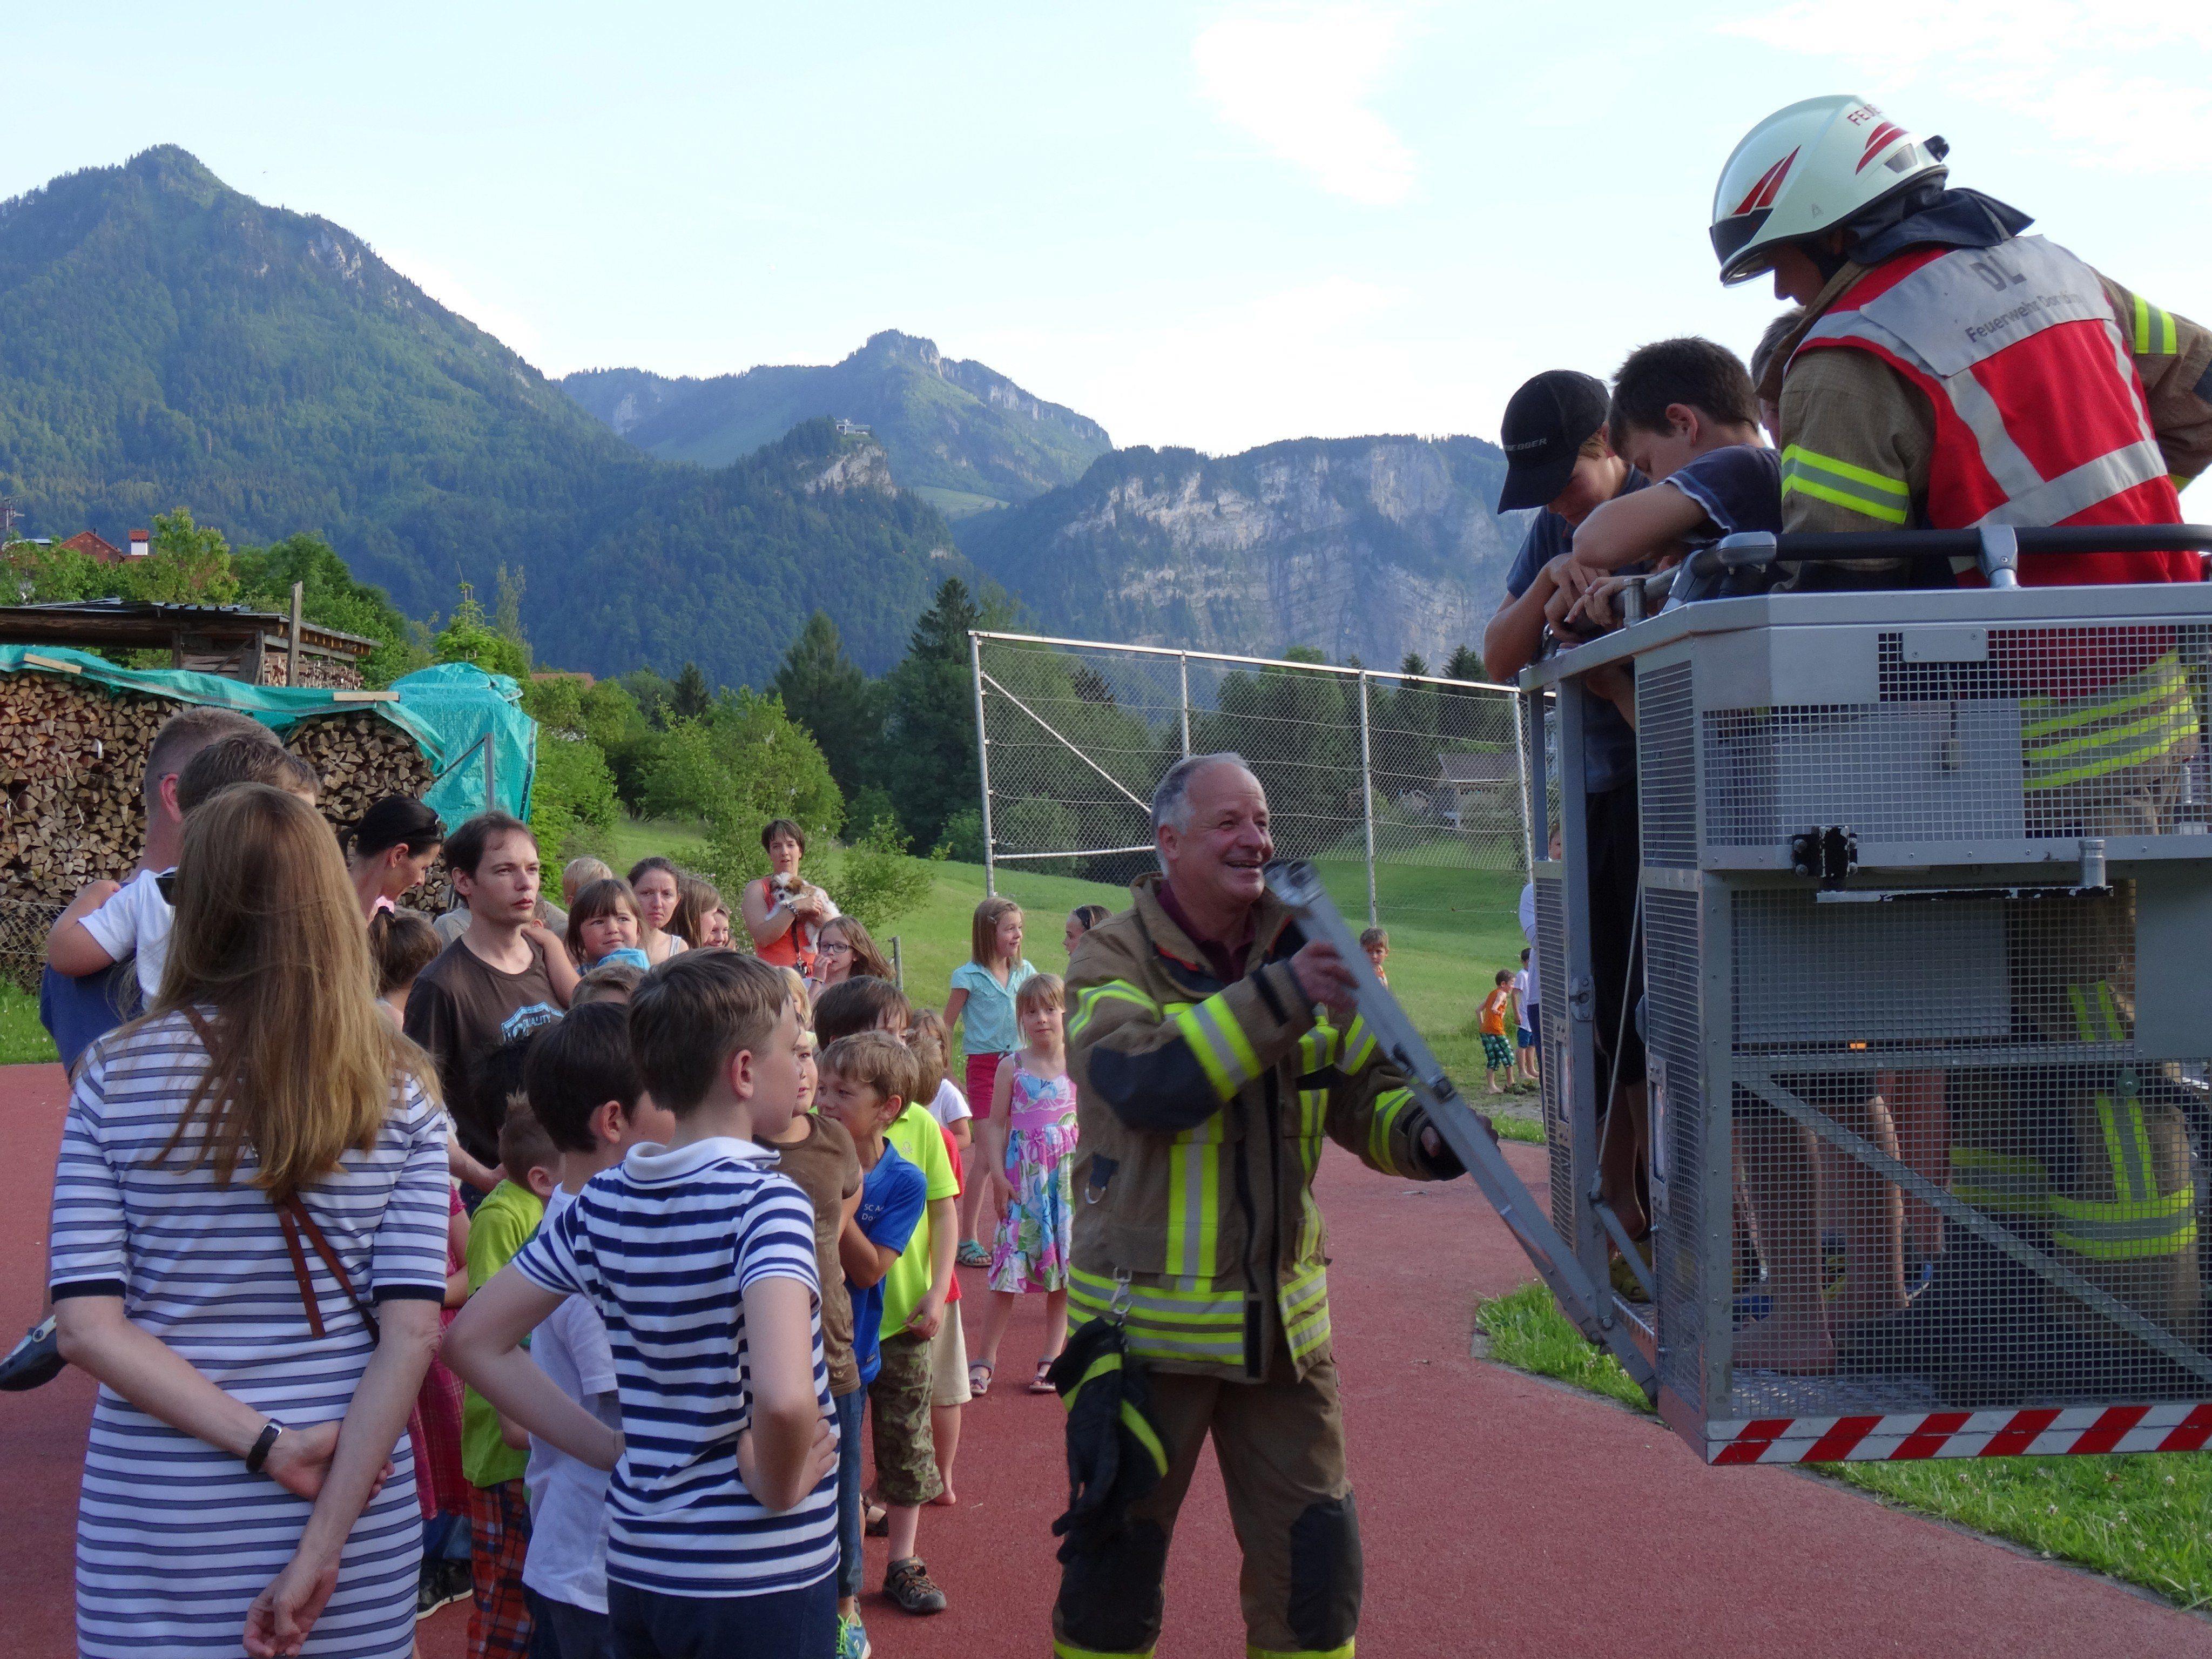 Die Feuerwehrübung war für die Watzenegger Schülerinnen und Schüler ein spannendes Abenteuer.